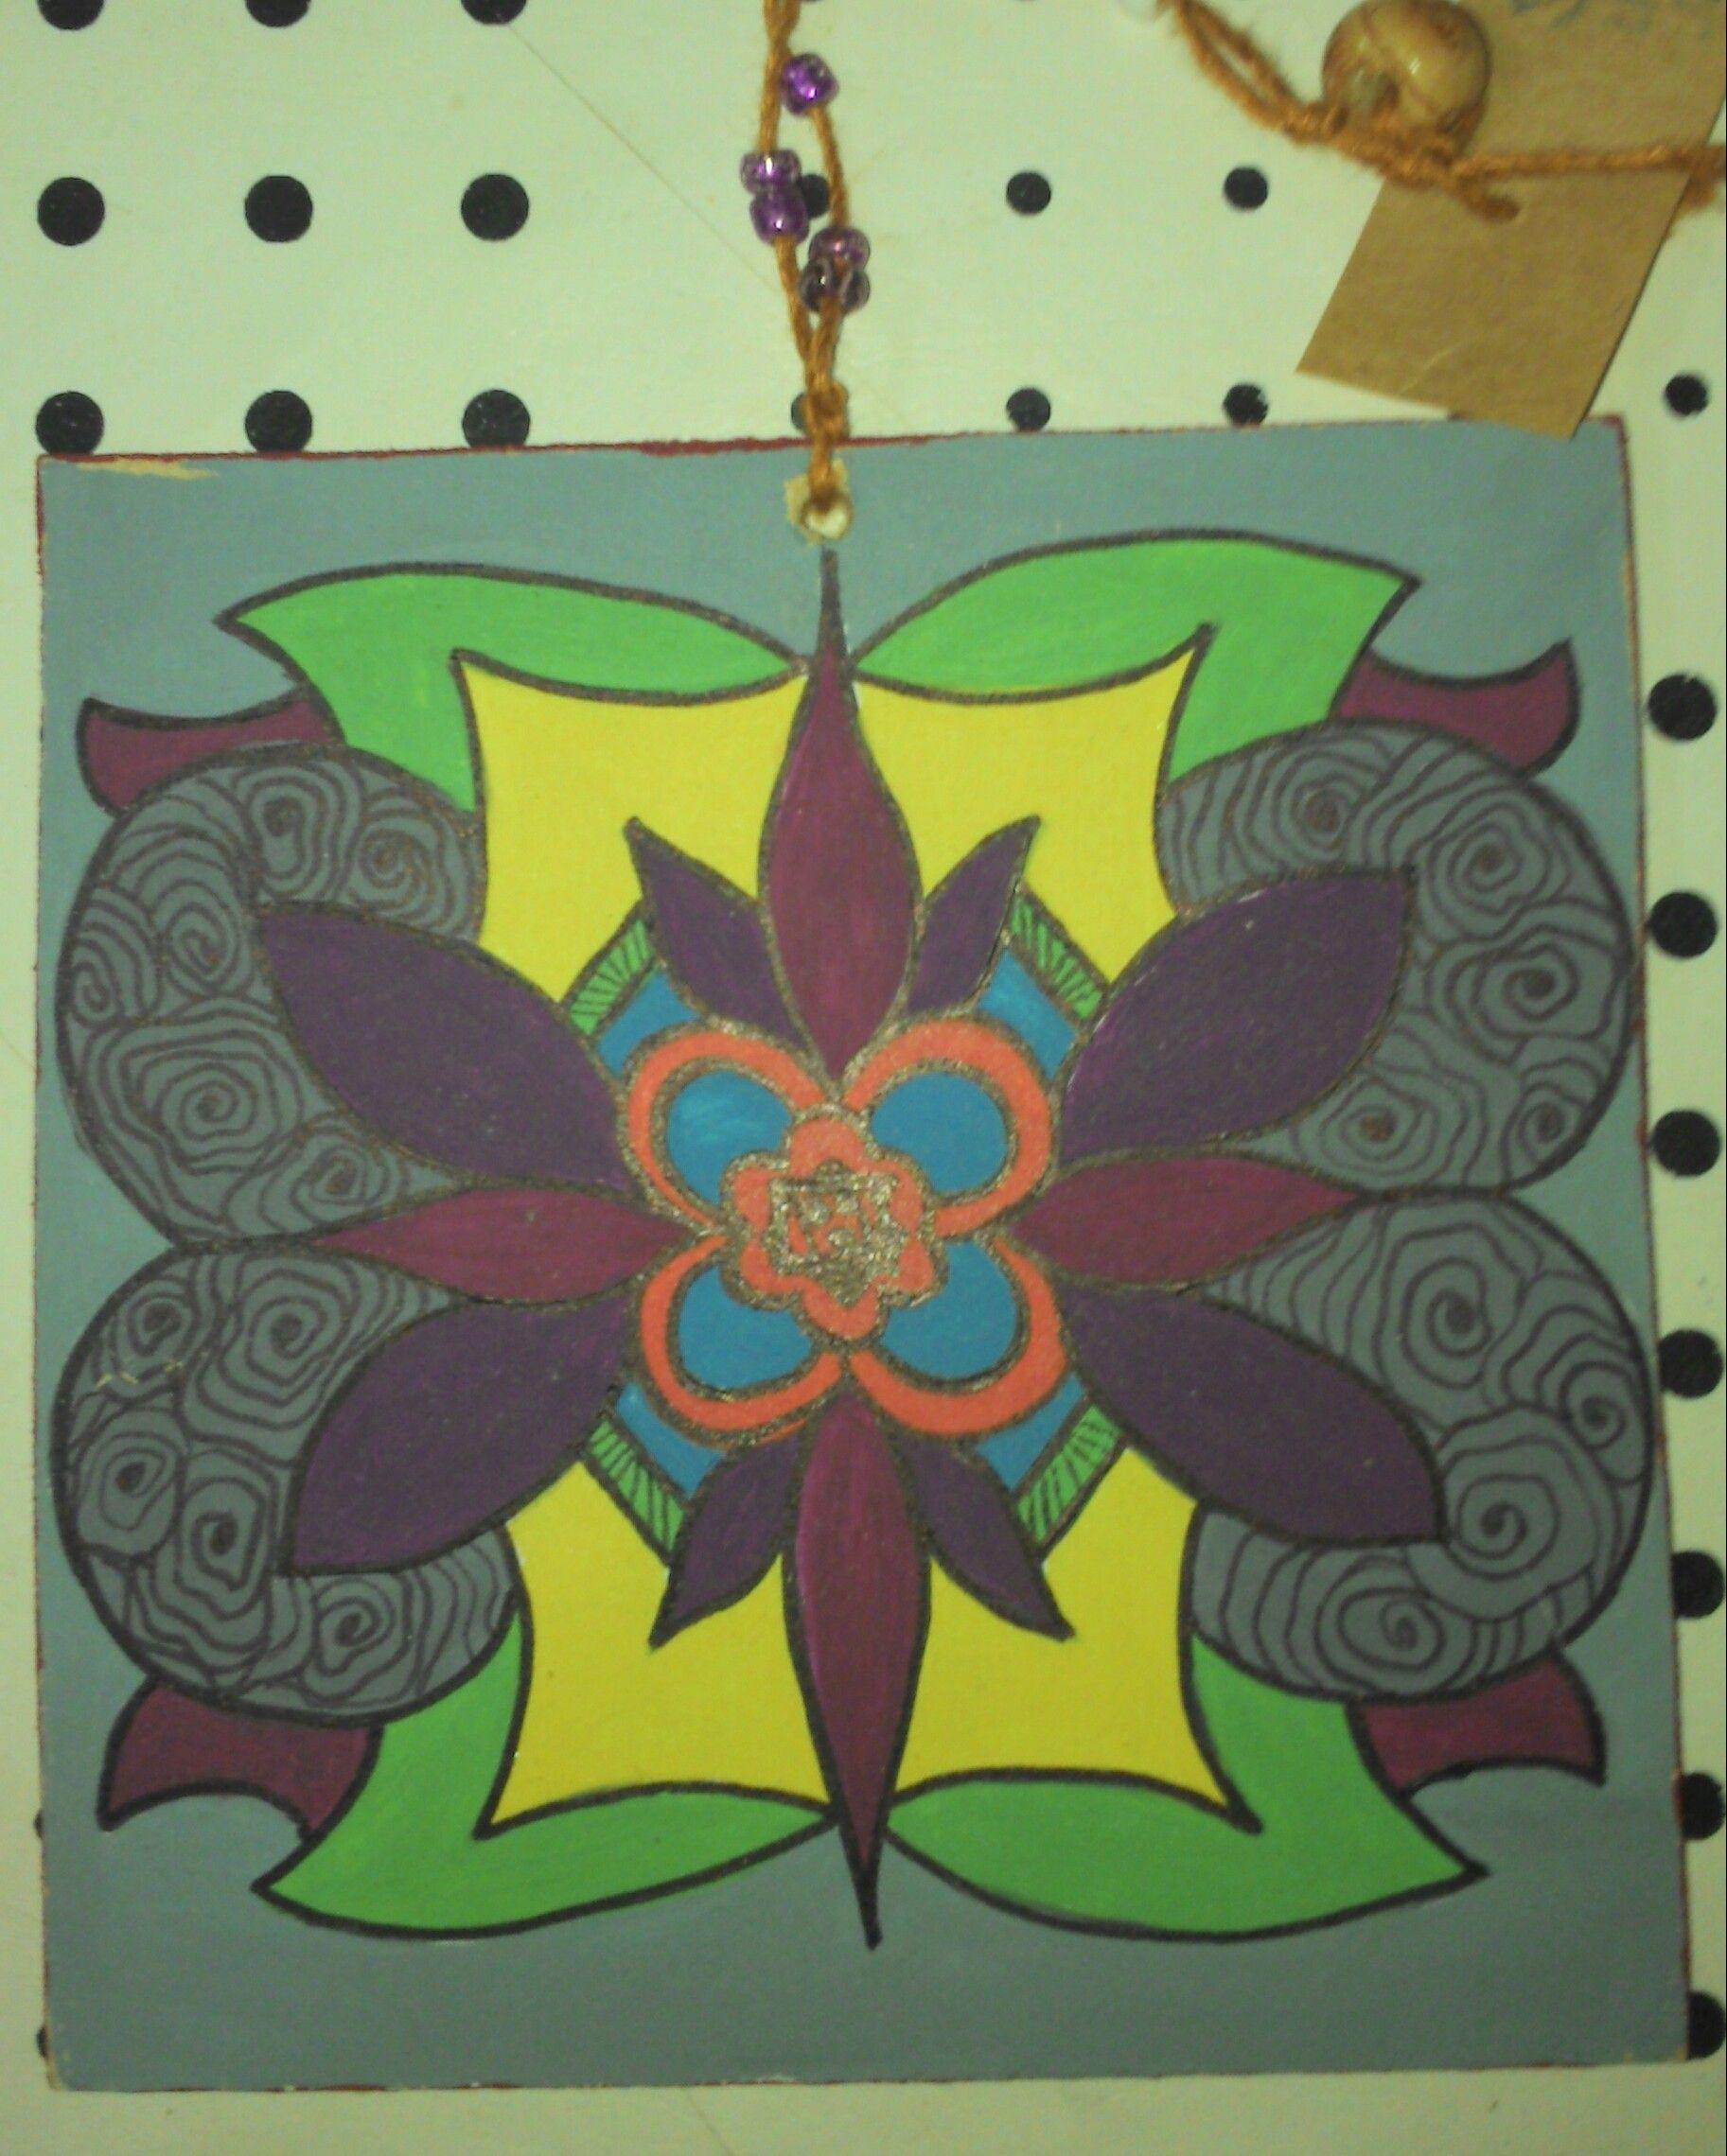 cuadro para decorar ambientes tcnica acrlico zentangle